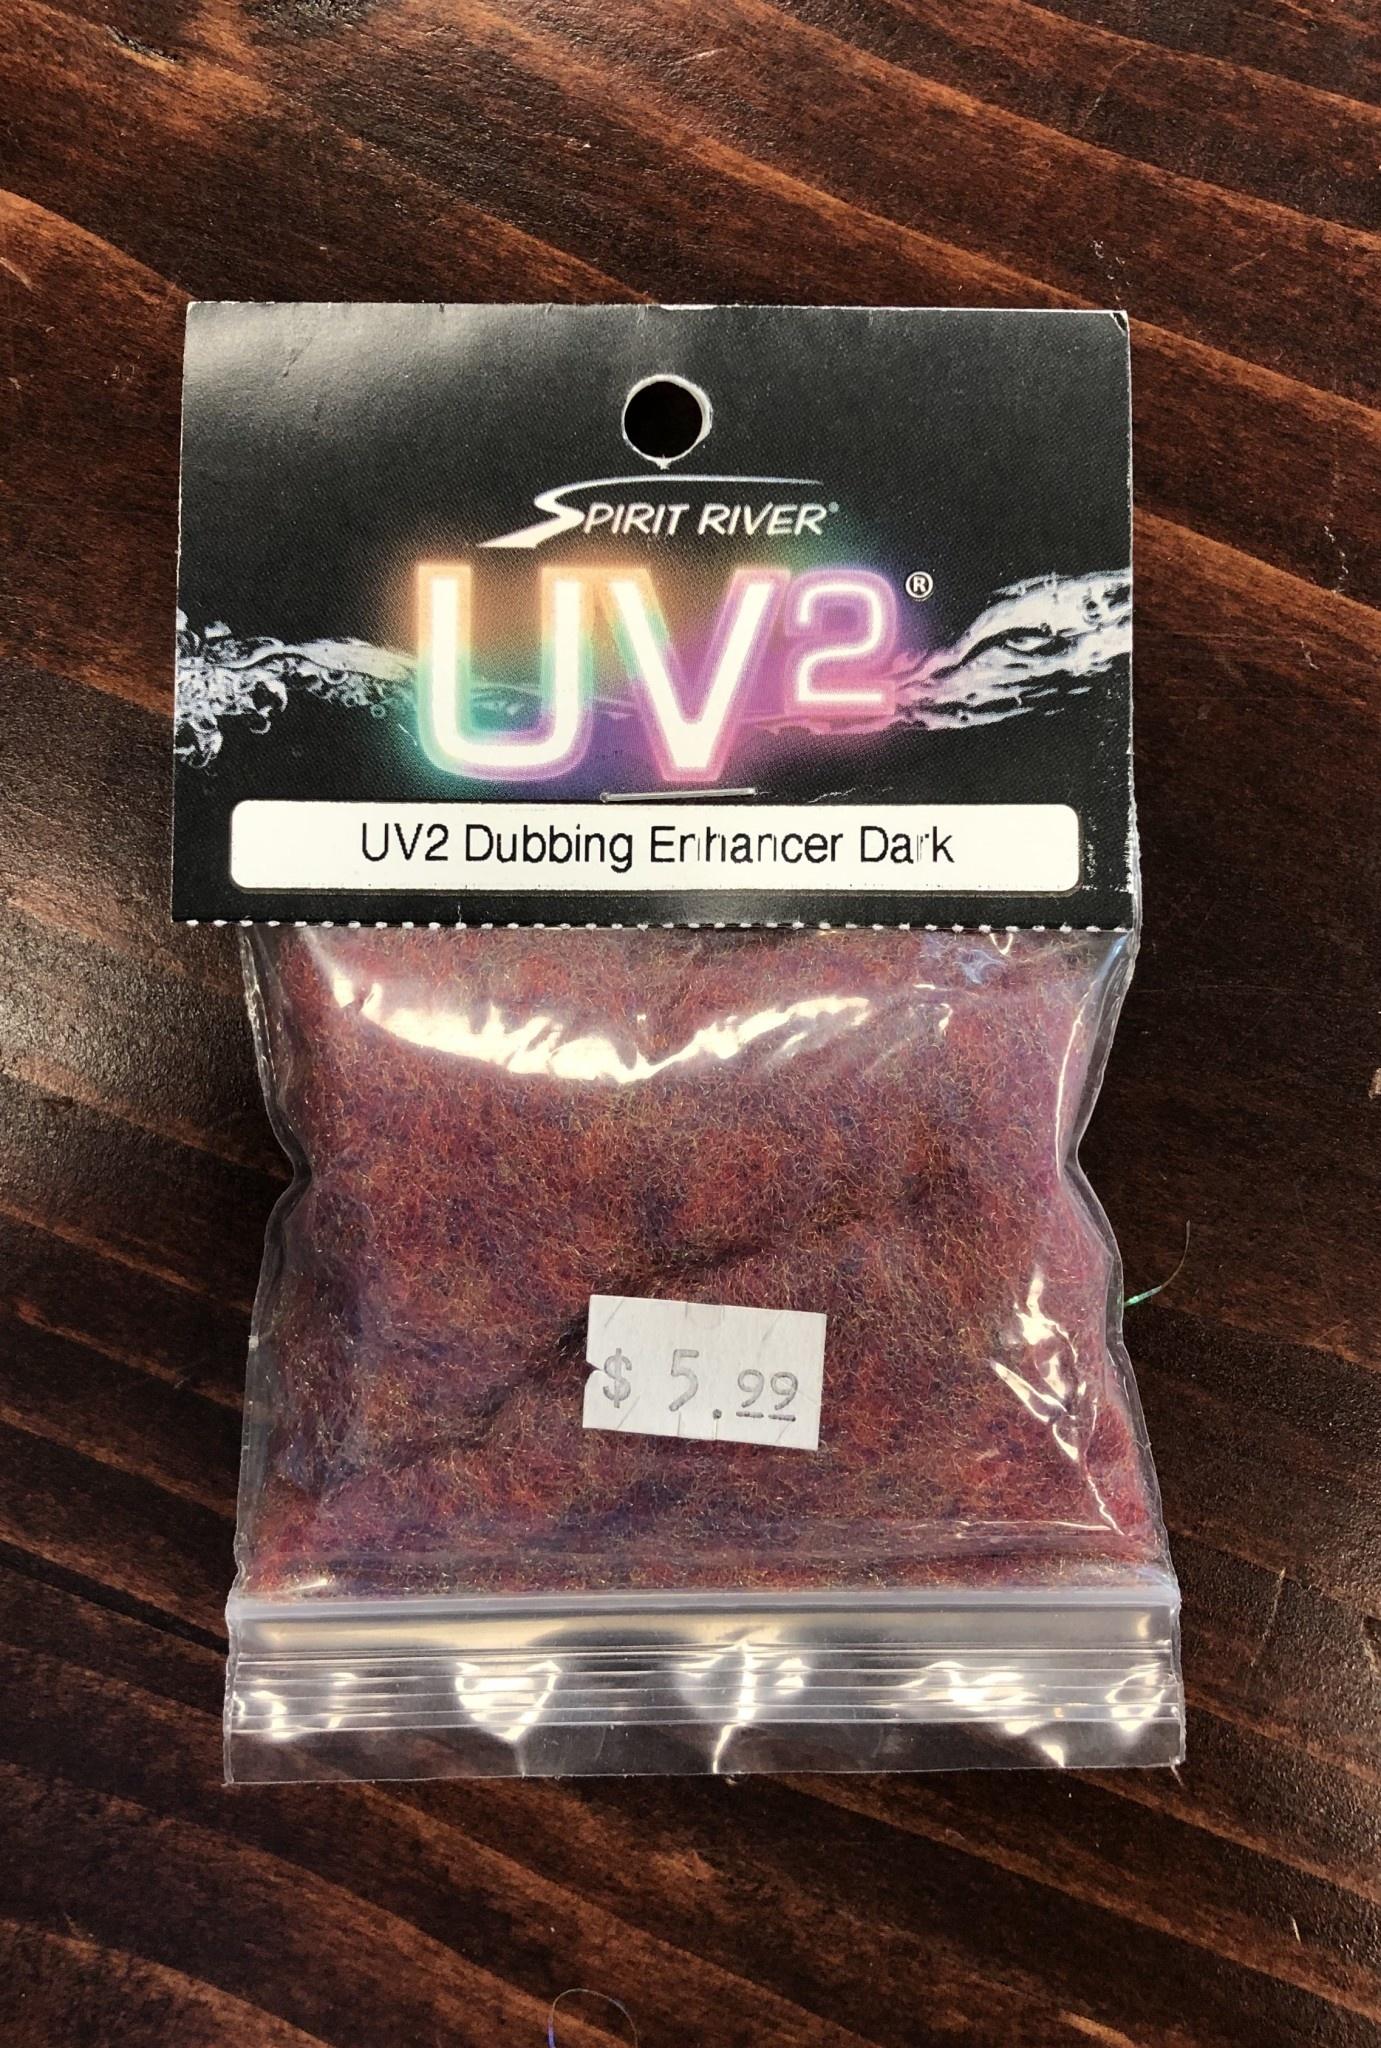 Spirit River UV2 Dubbing Enhancer,